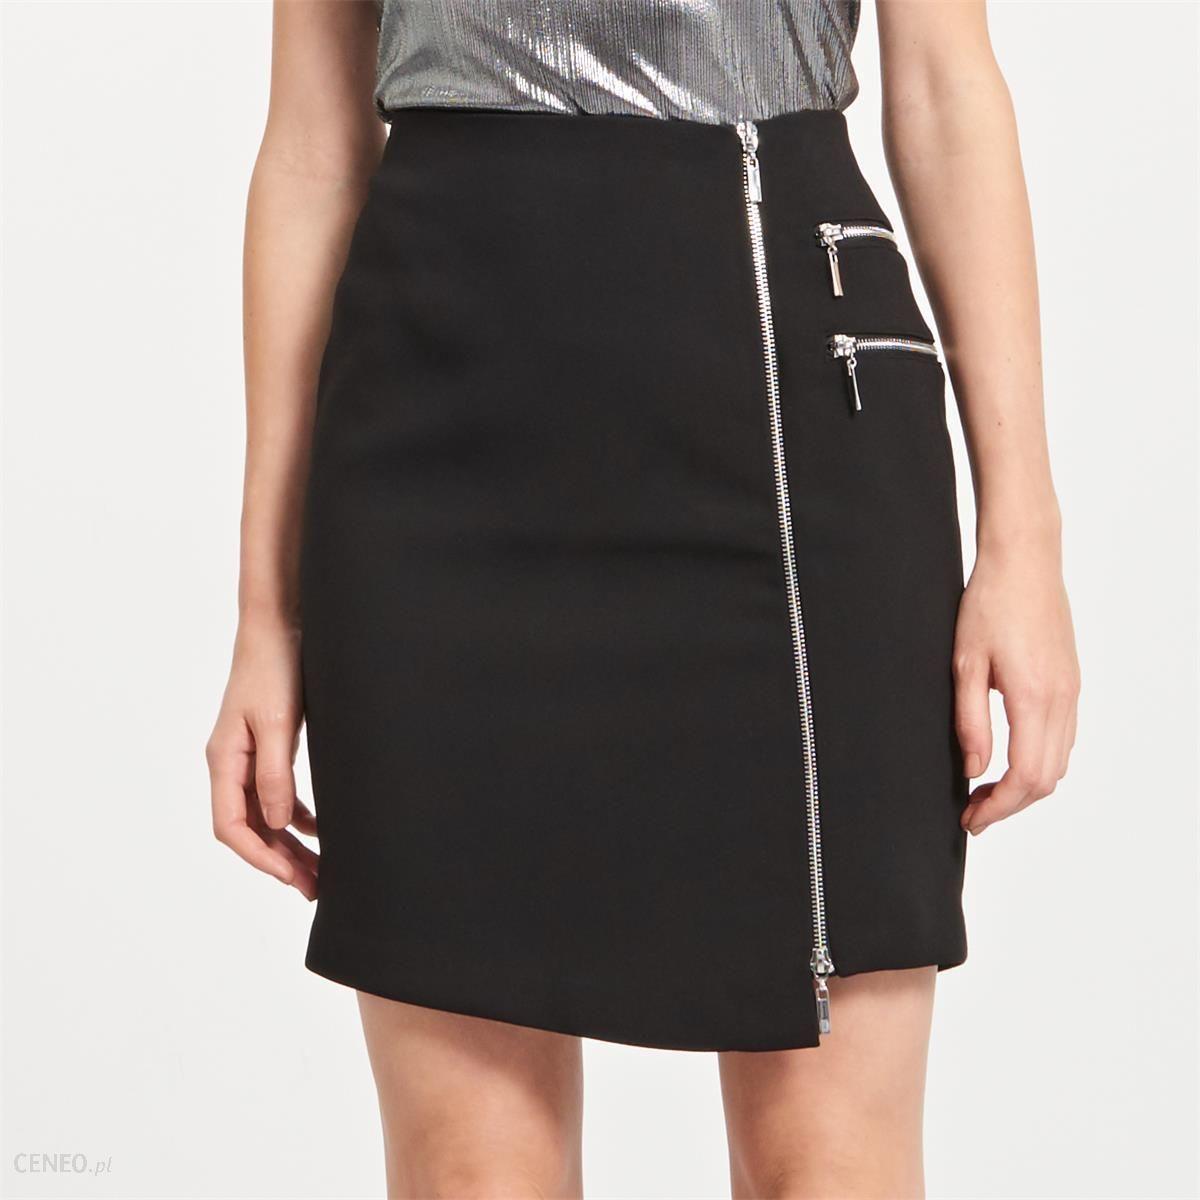 Reserved Ołówkowa spódnica z zamkiem Czarny damska